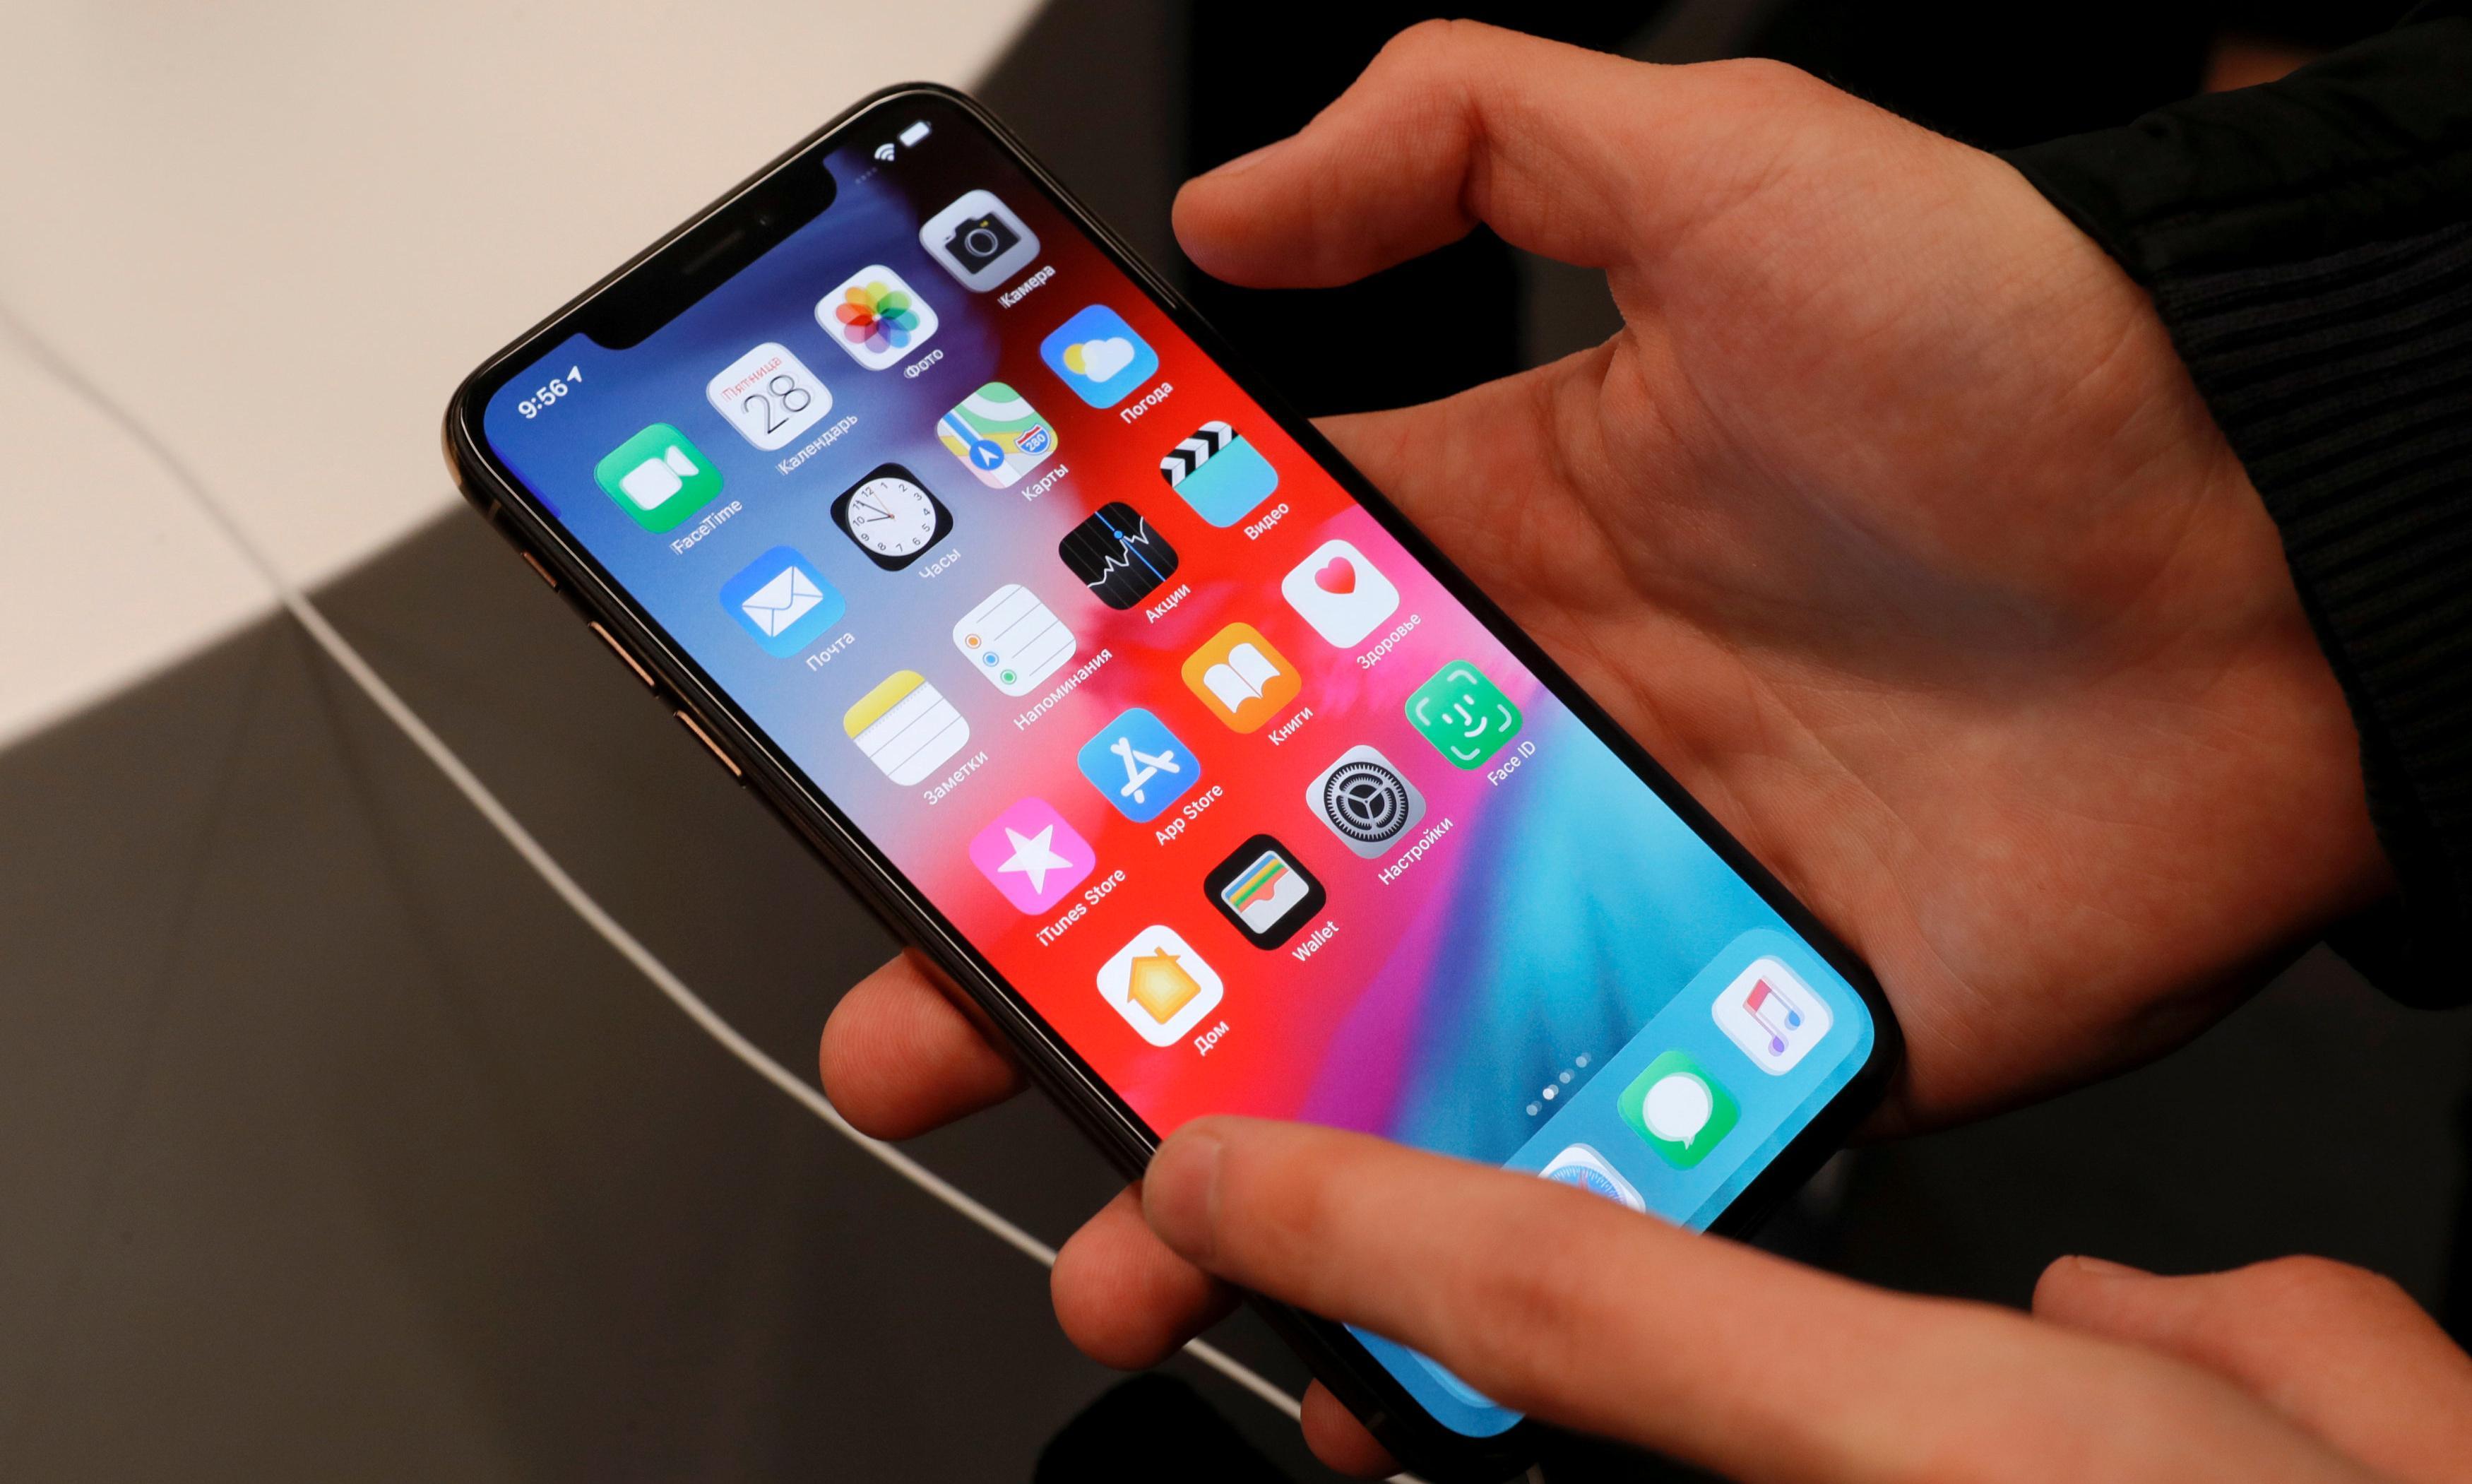 Apple's value dips below $1tn amid fears of iPhone sales peak